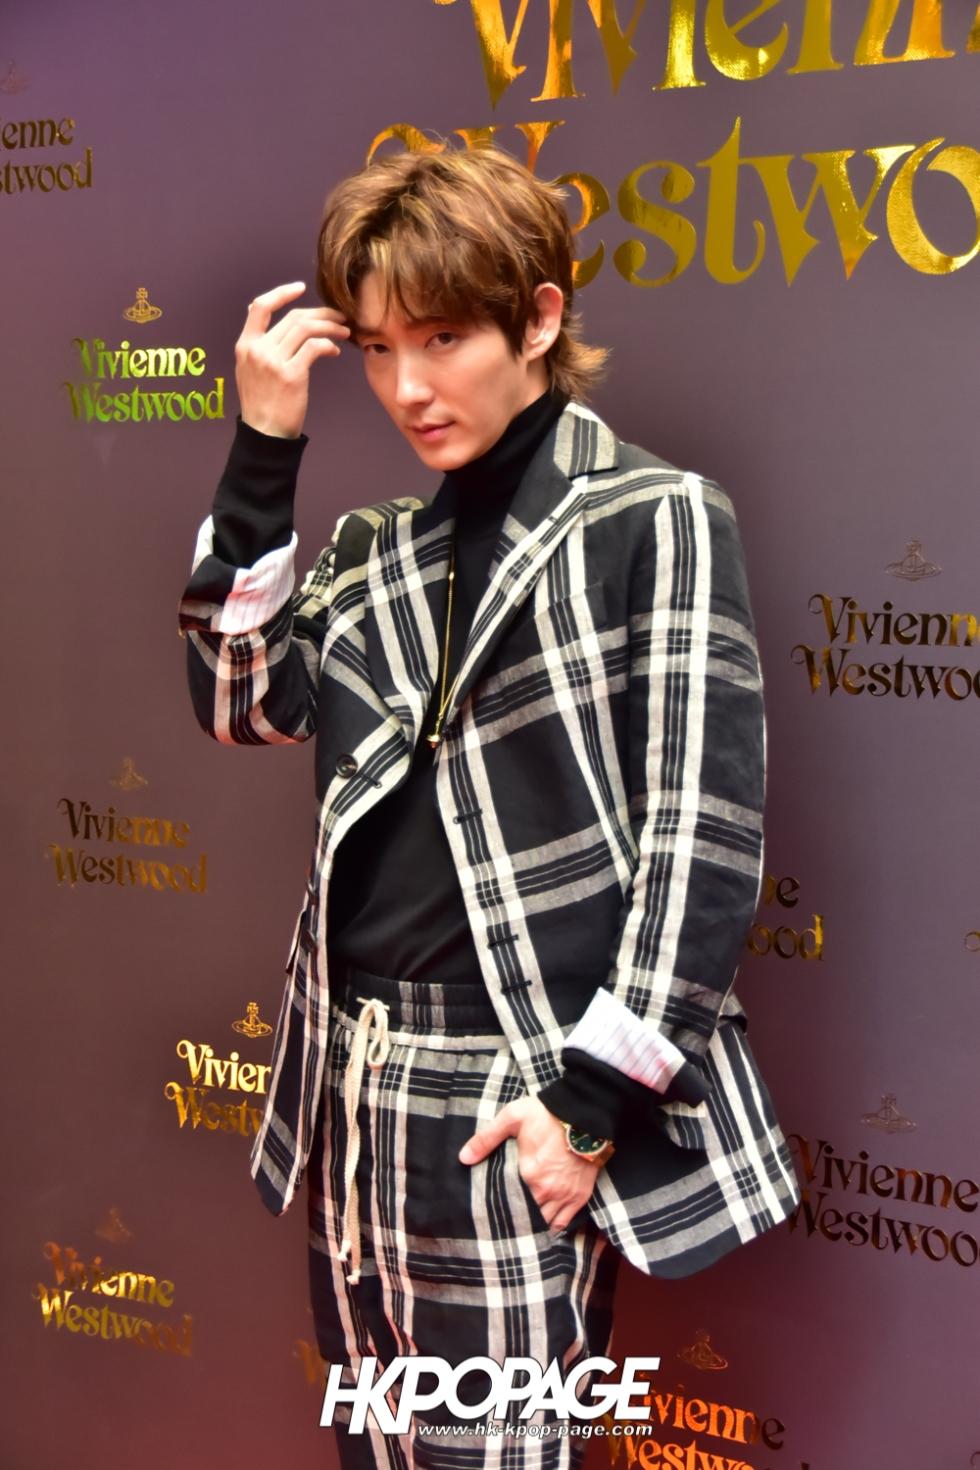 [HK.KPOP.PAGE] 181107_Lee Joon-gi_Vivienne Westwood Event in Hong Kong_18